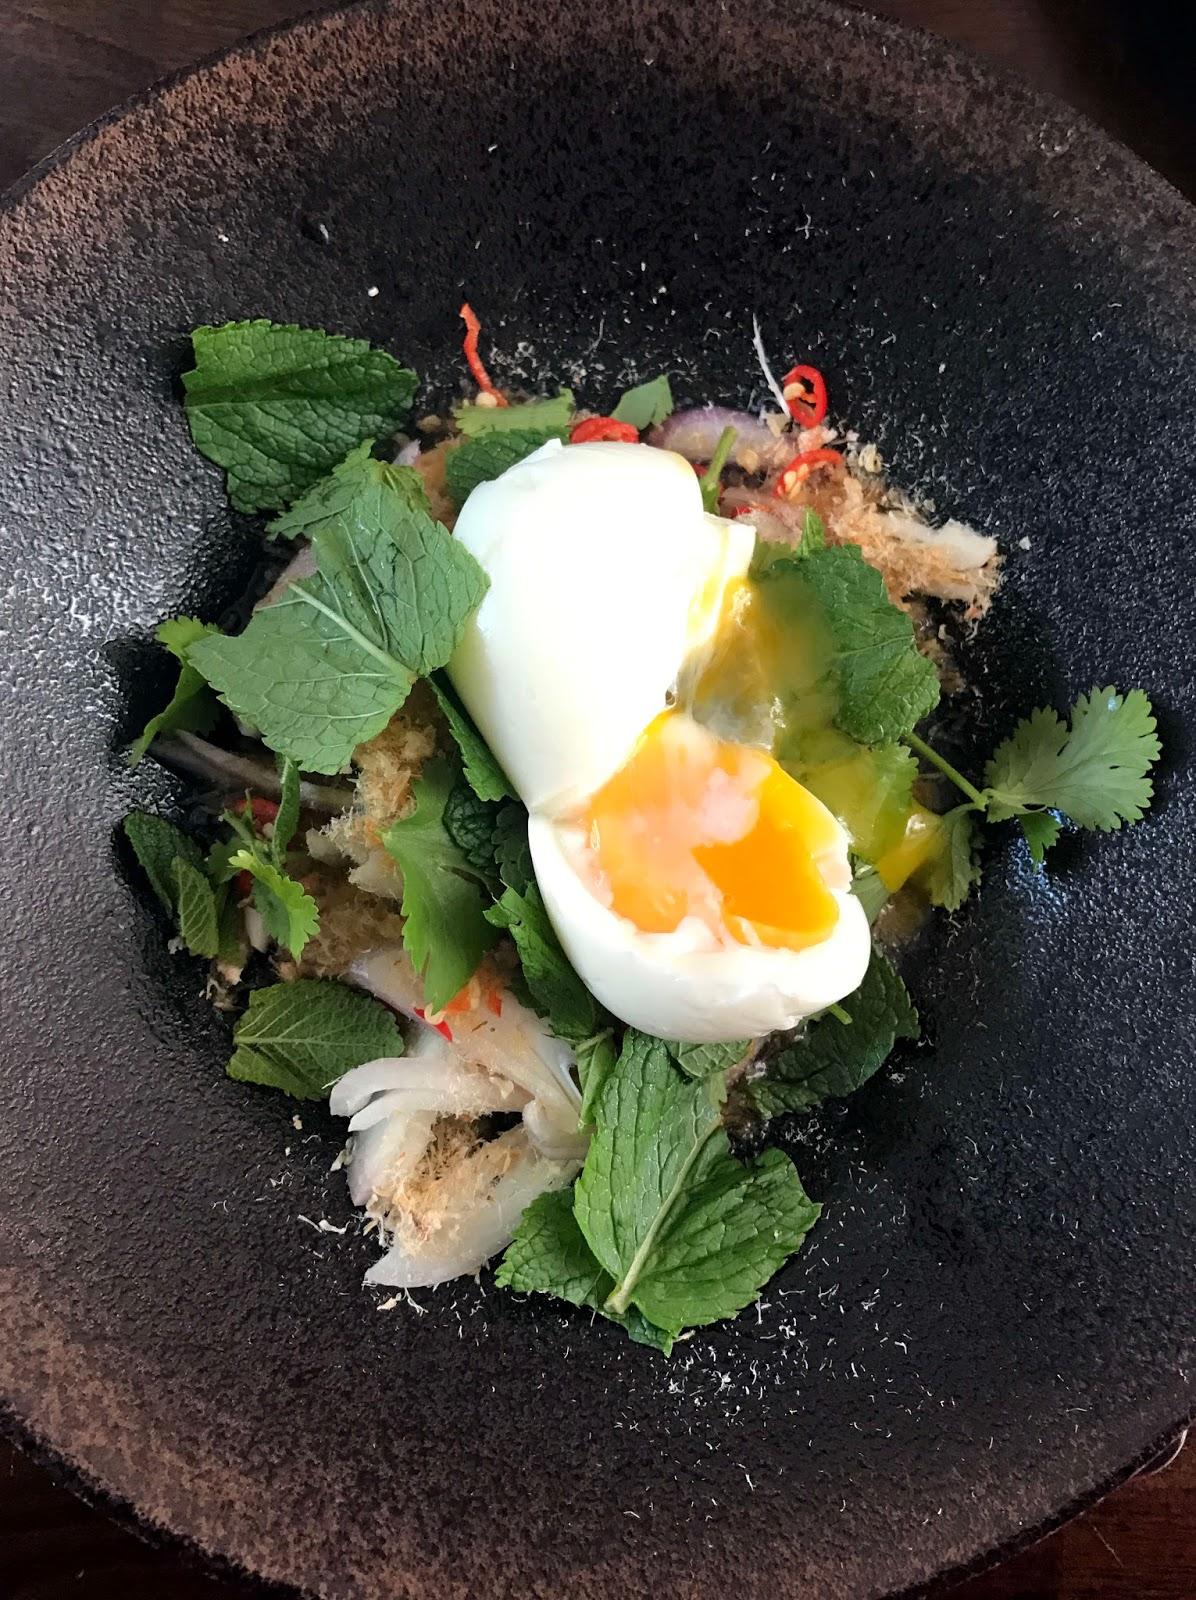 Stitch & Bear - Yum Makeua Yao salad at Nightmarket